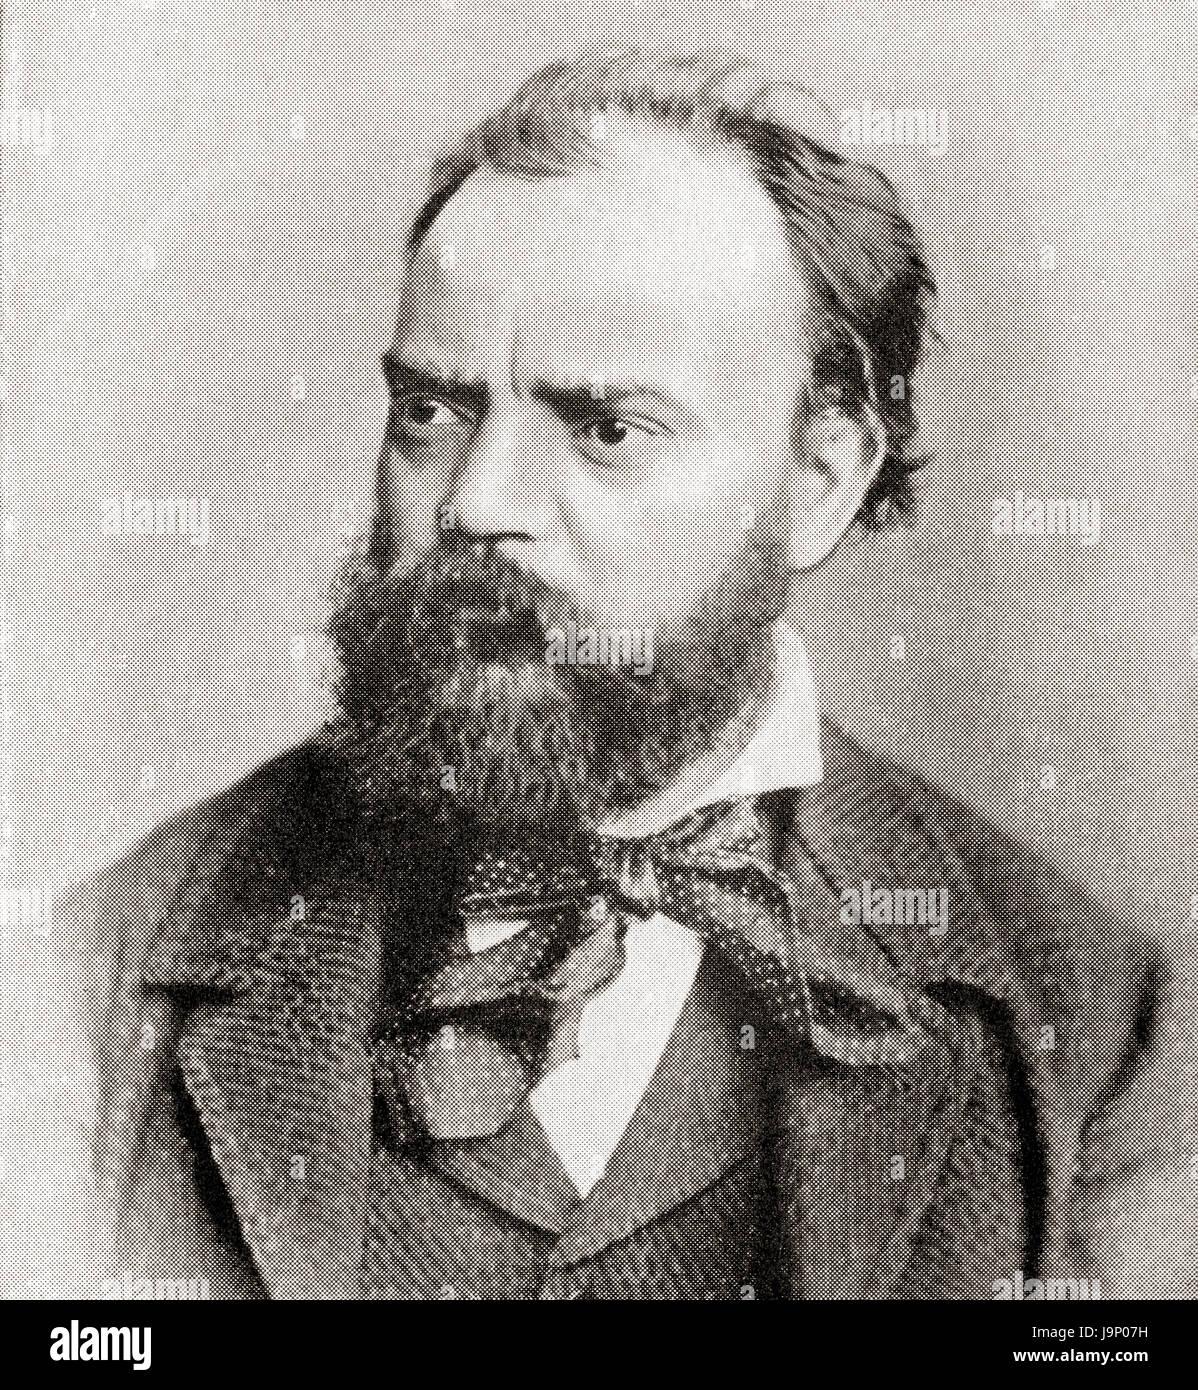 Antonín Leopold Dvořák, 1841 - 1904. Compositor checo. La historia de Hutchinson de las Naciones, publicado Imagen De Stock